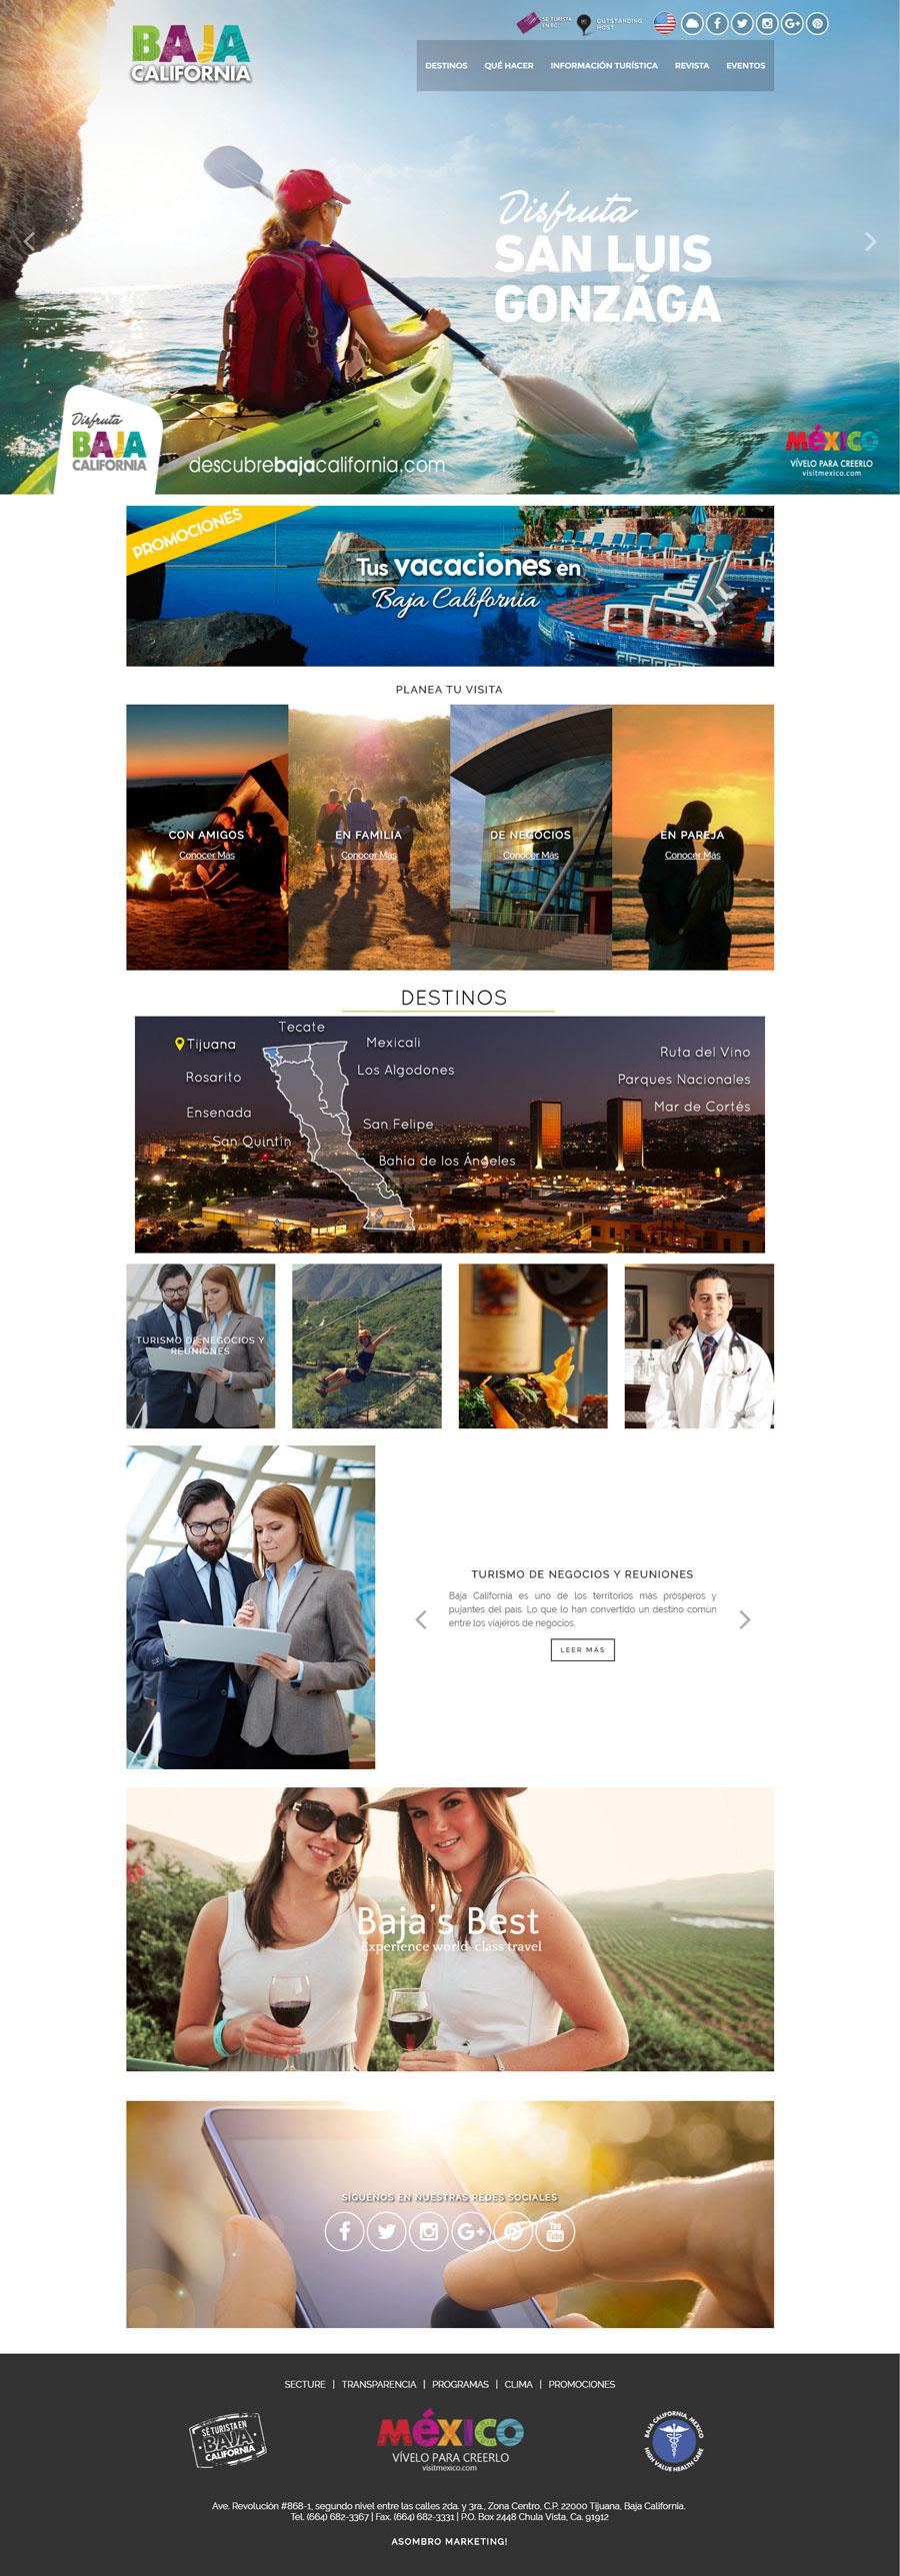 Turismo tourism marketing turistico  mexico baja california Web Architecture Web Design